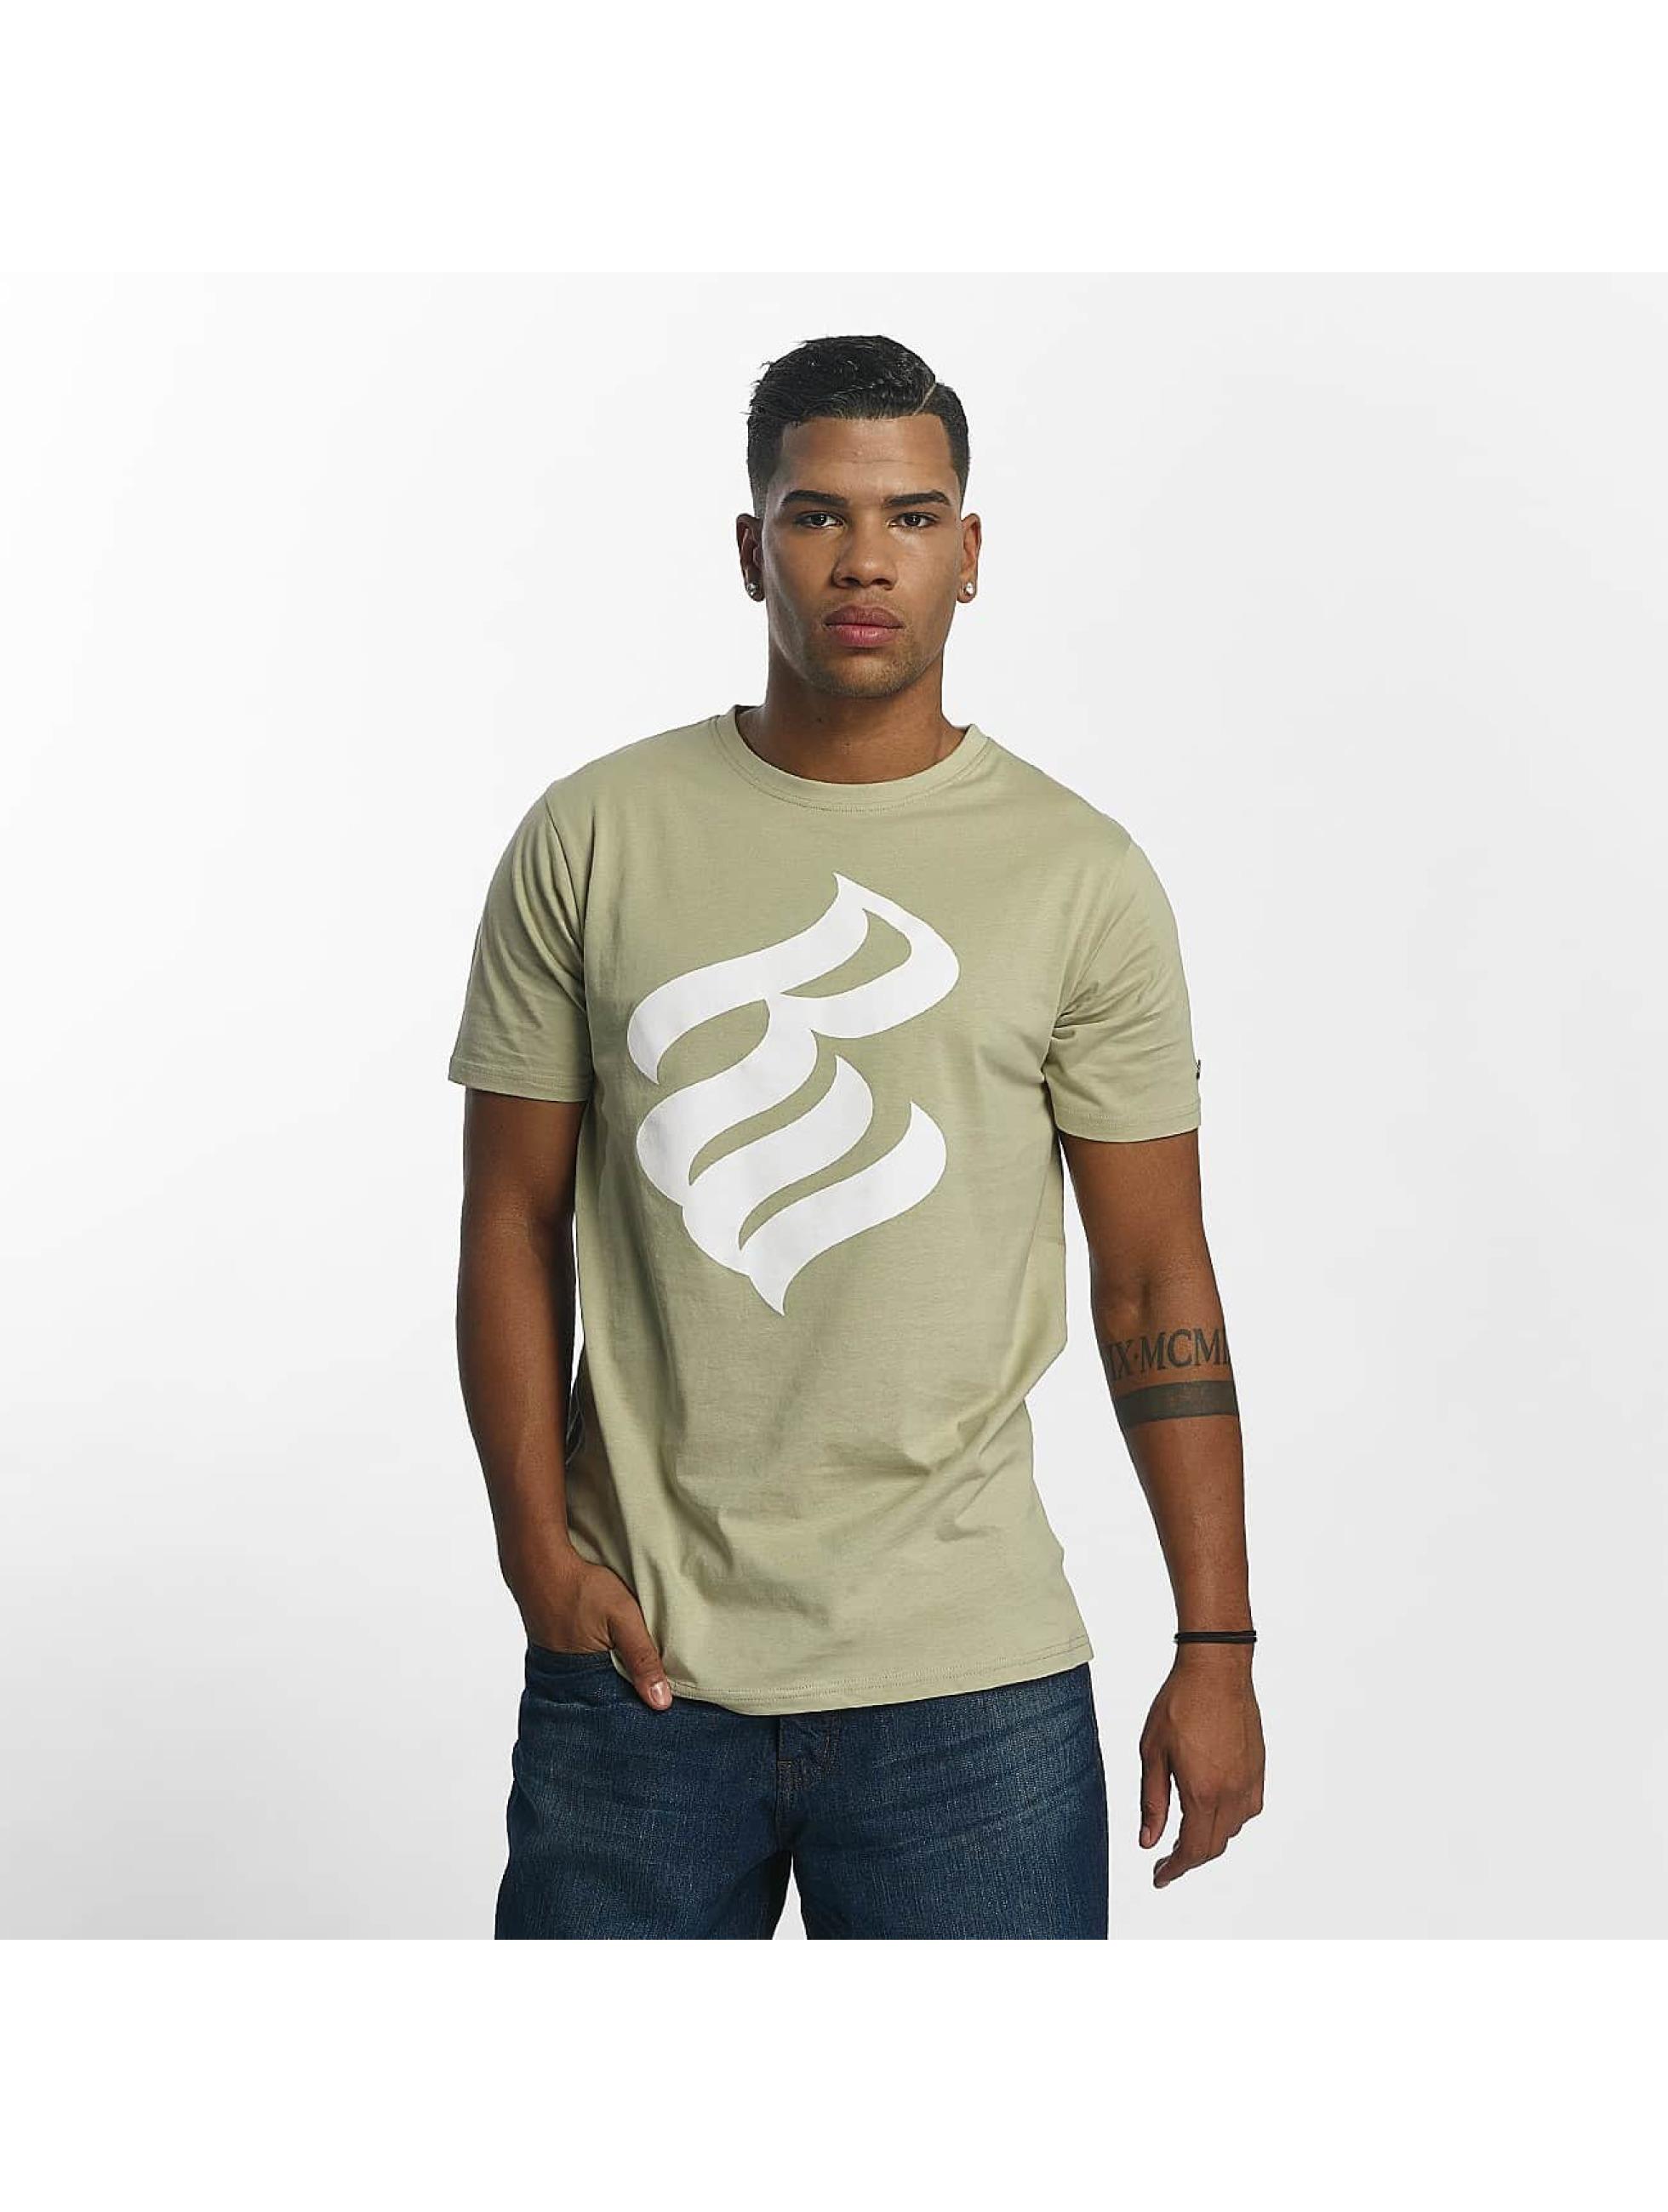 Rocawear / T-Shirt Logo in khaki S